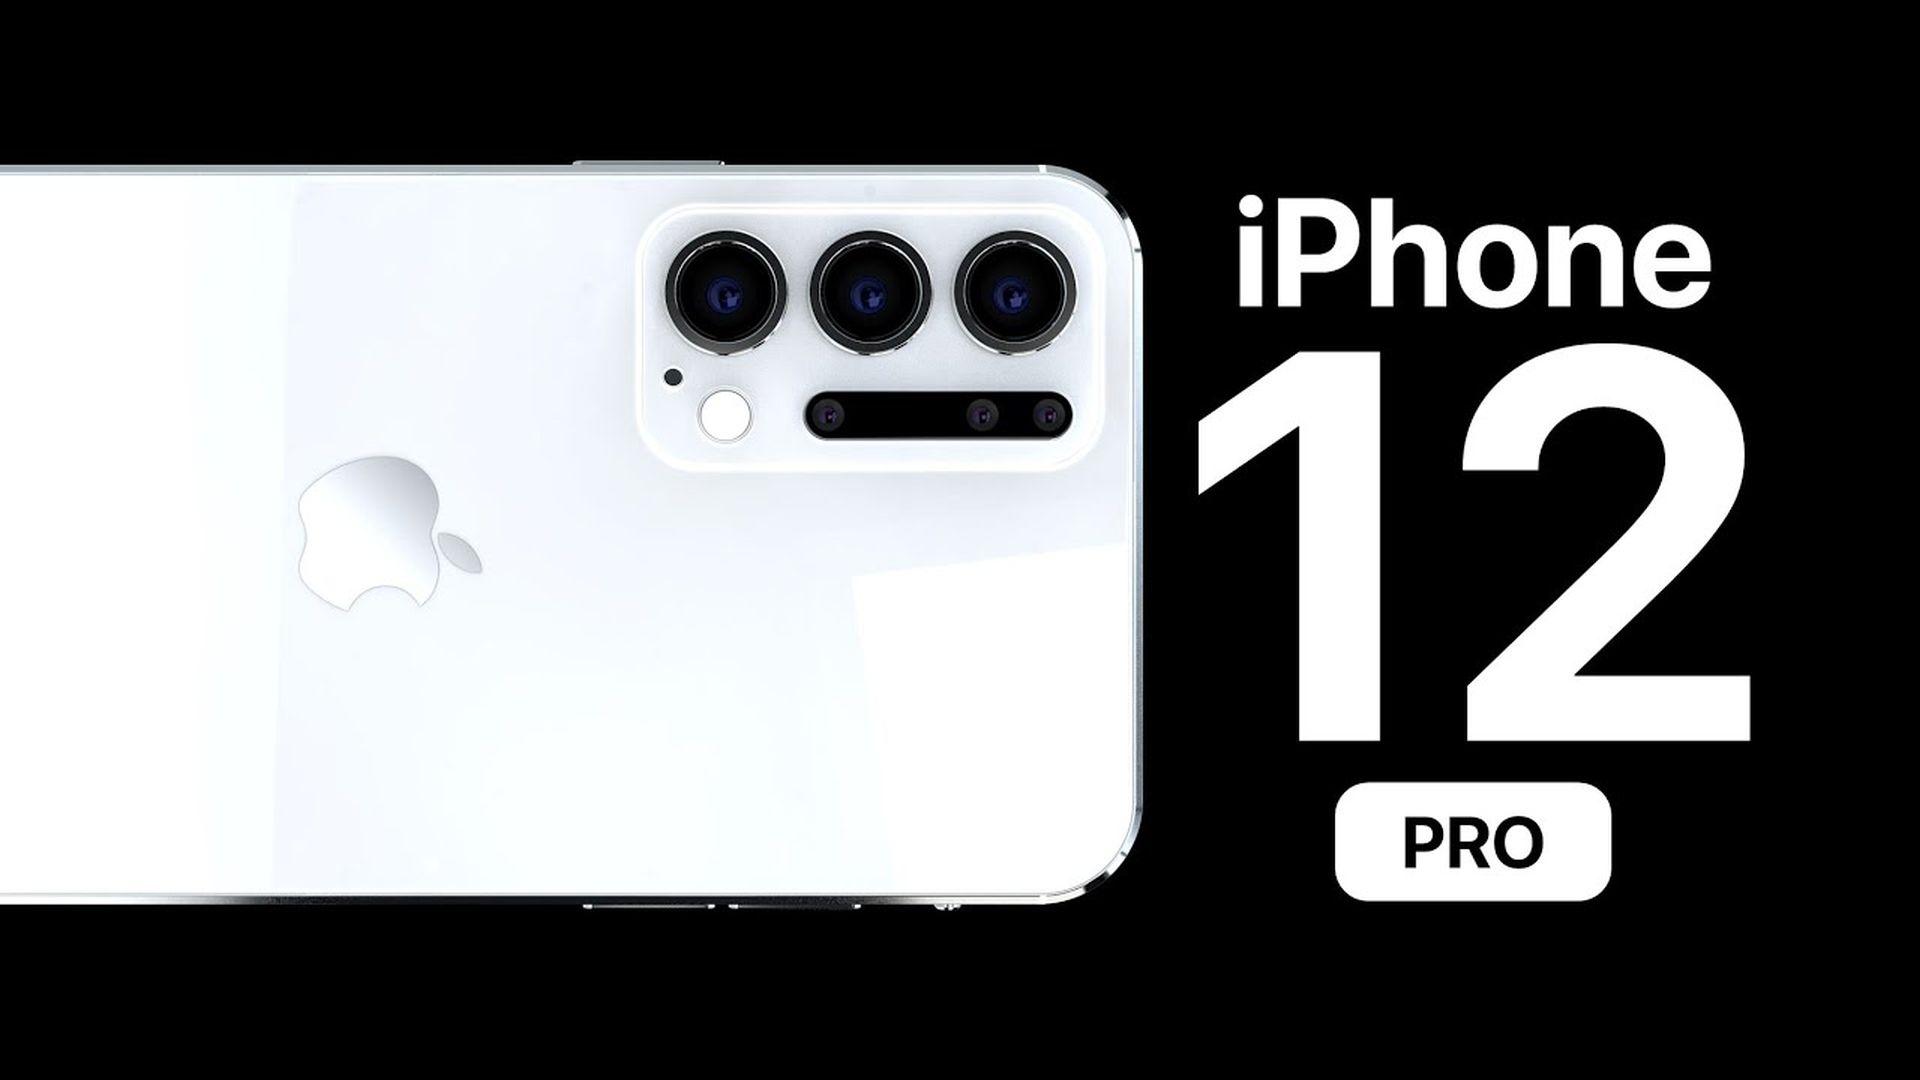 Koncepcyjna wizja iPhone'a 12 Pro Max z aparatem Time Of Flight